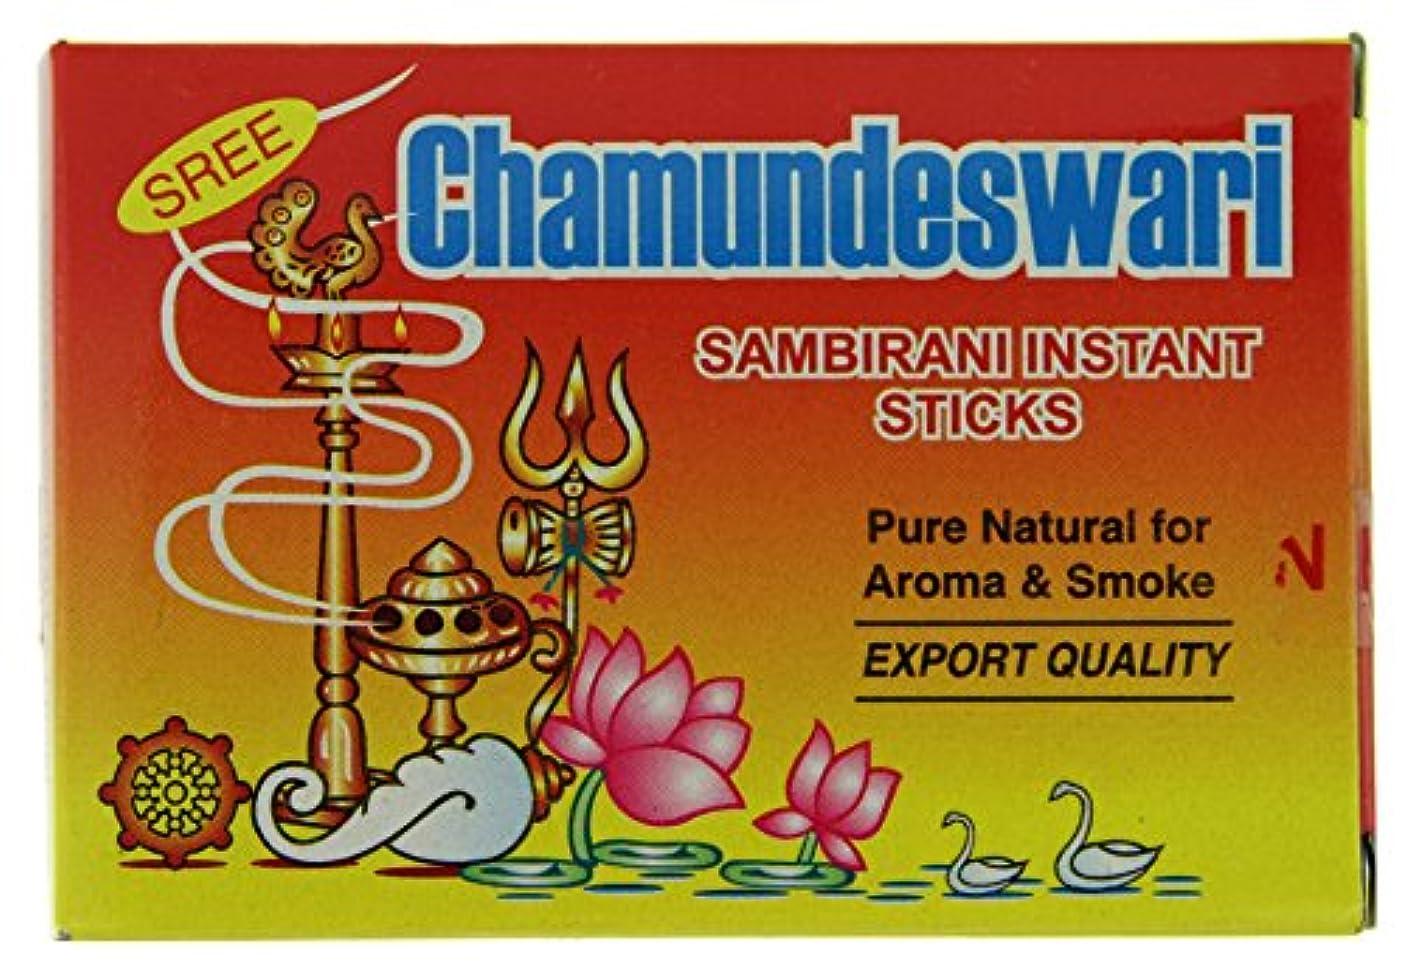 信仰シットコム足枷Sree Sambrani Instant Sticks – 24 perボックス – 4ボックスのセット販売